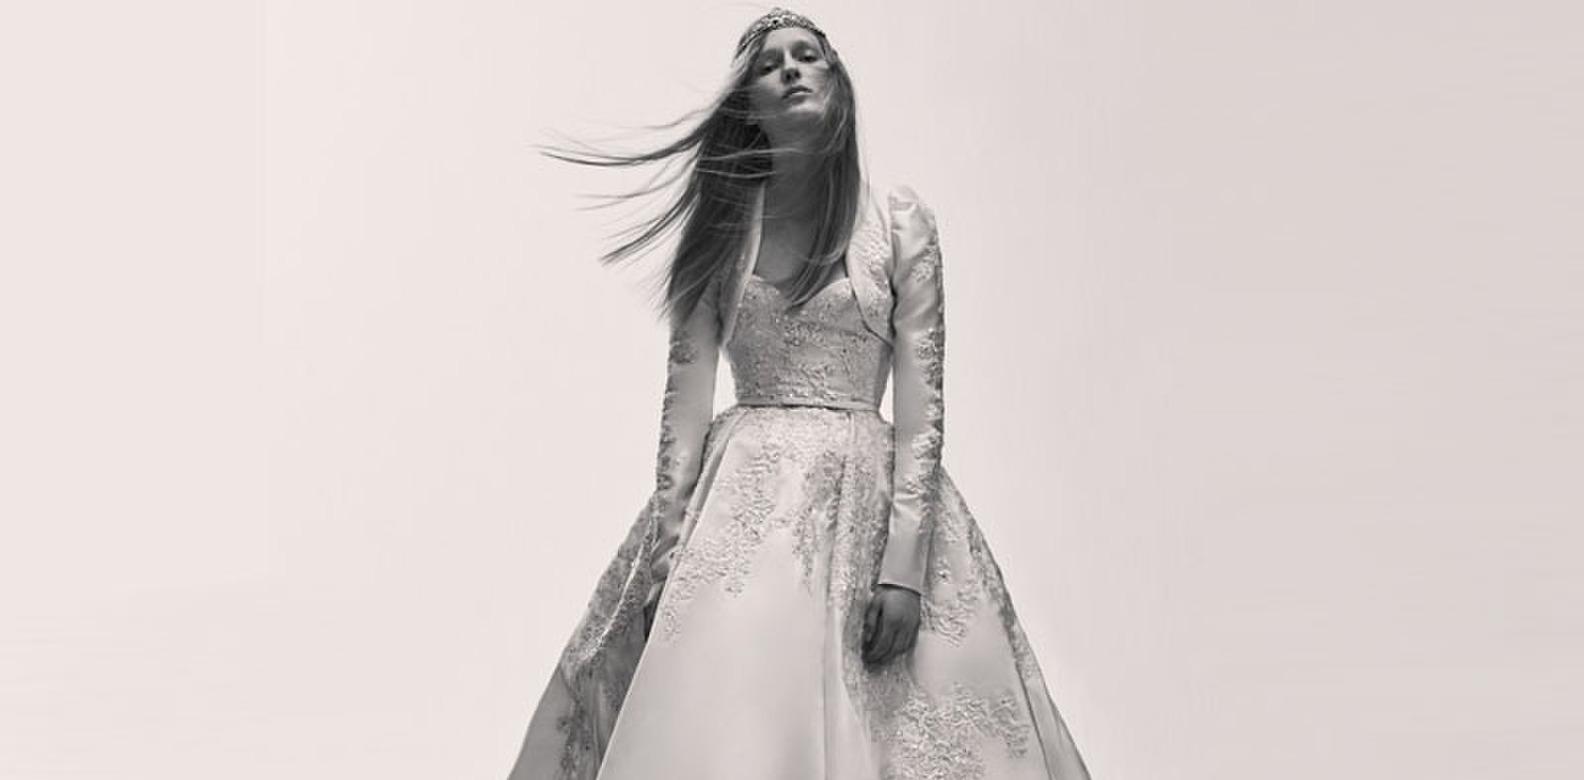 Elie Saab Debuts a Bridal Line for Spring 2019